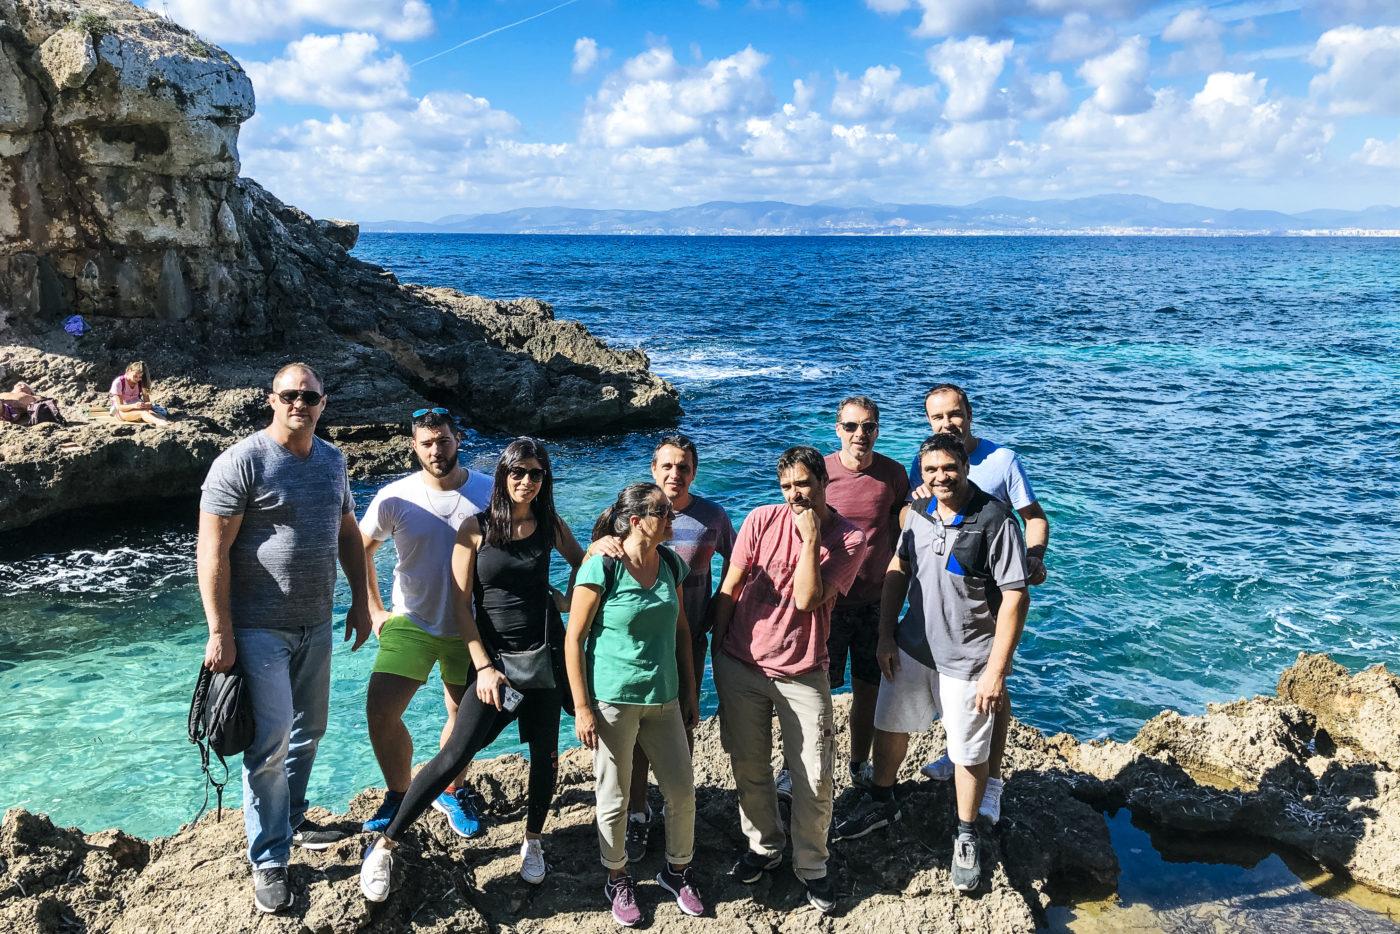 agence evenementielle receptive pays basque erronda seminaire team building incentive event baléares Majorque Mallorca réunion quad criques